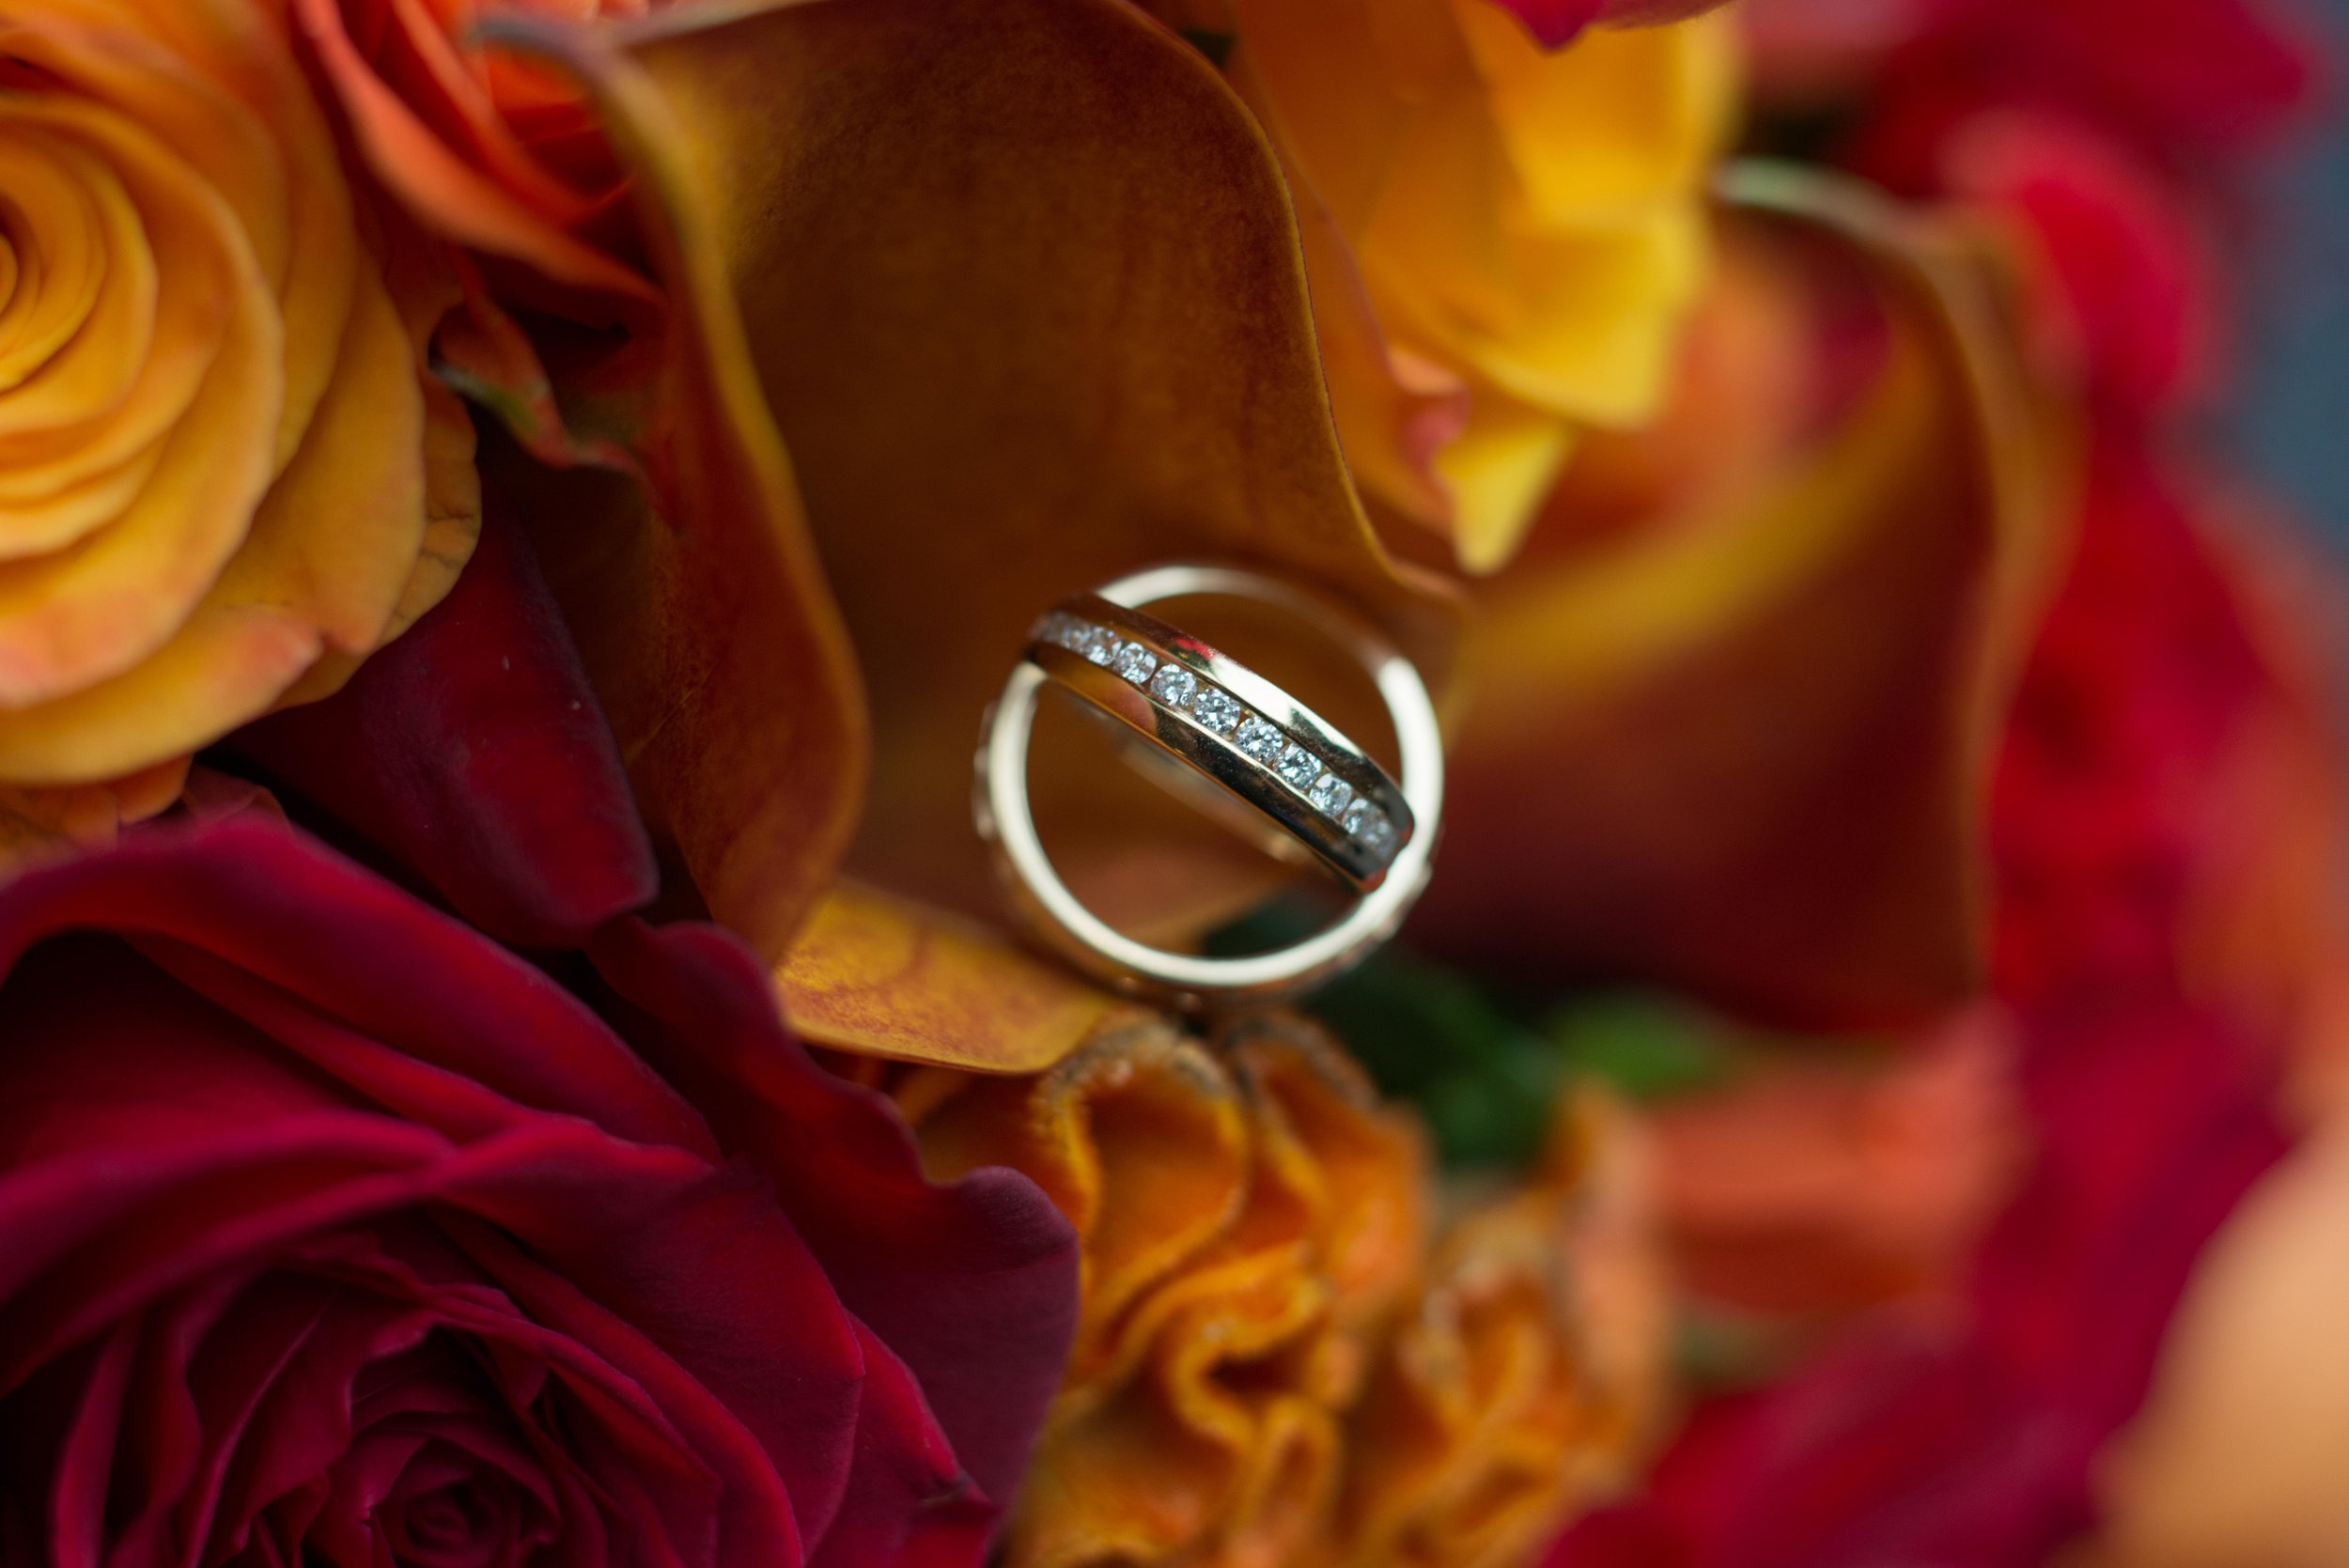 00001_Adams-Wedding-3.jpg